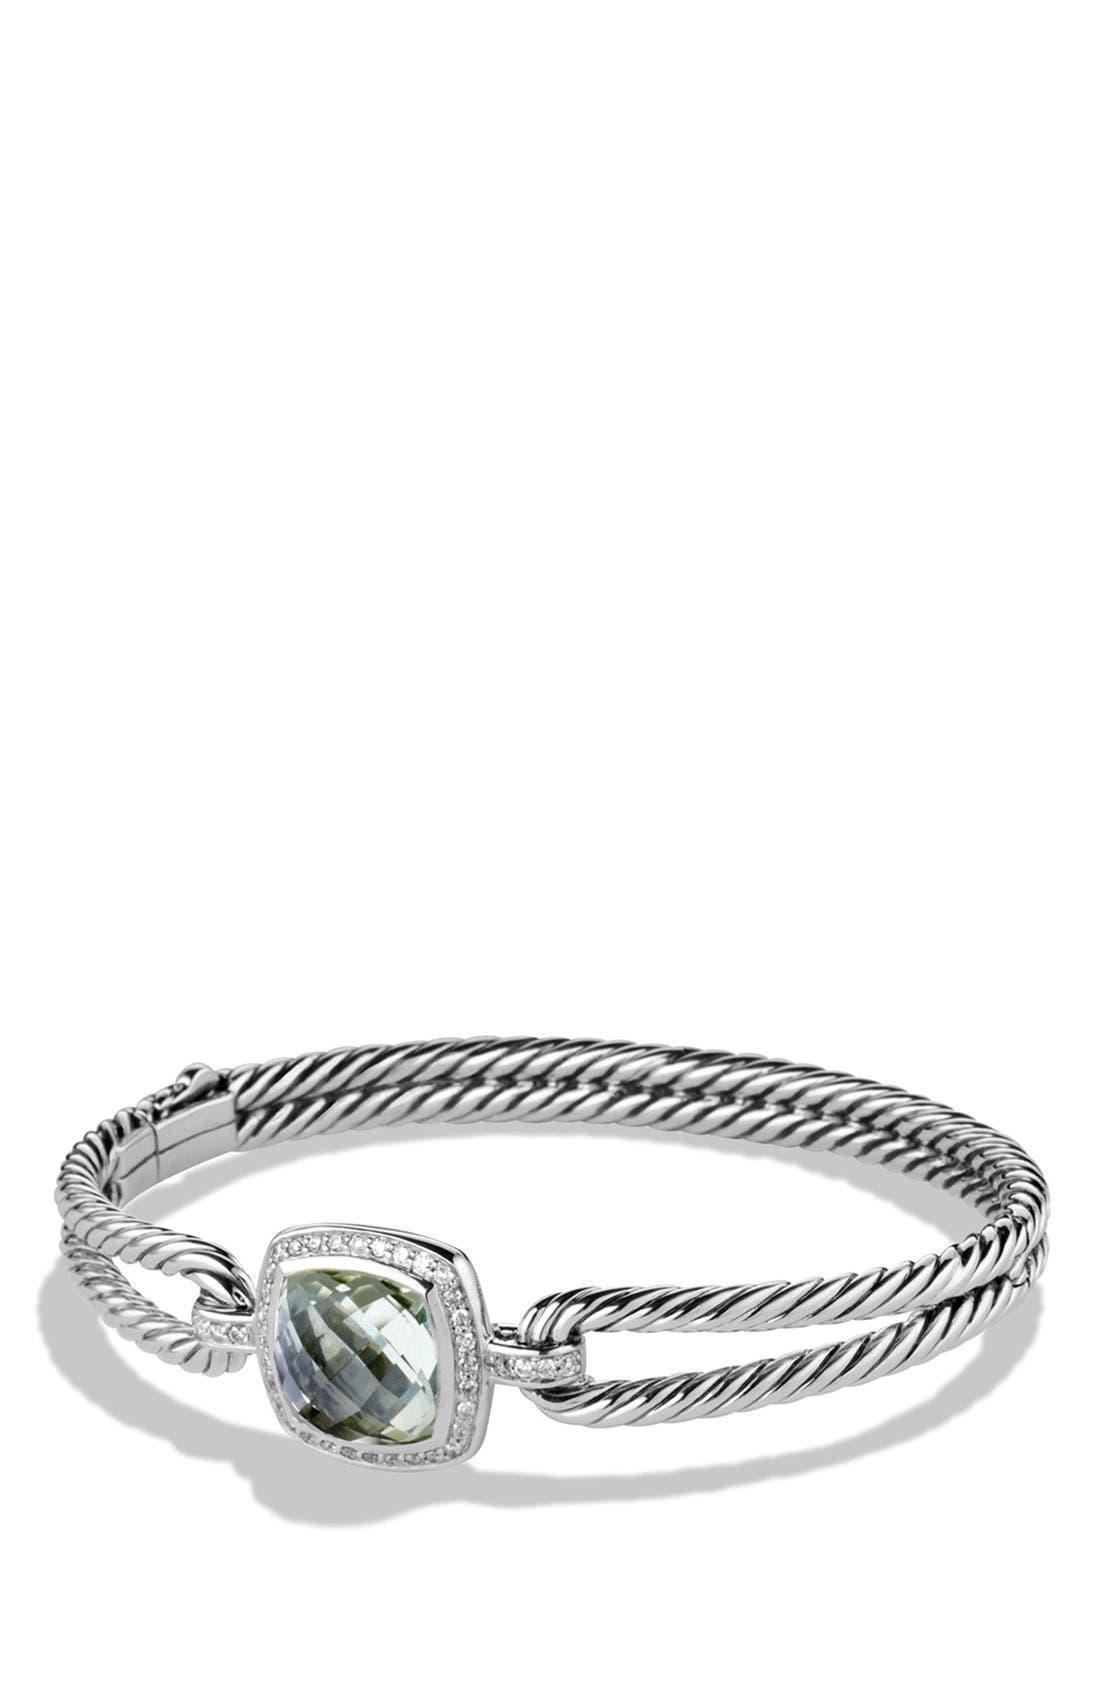 Main Image - David Yurman 'Albion' Bracelet with Semiprecious Stone and Diamonds